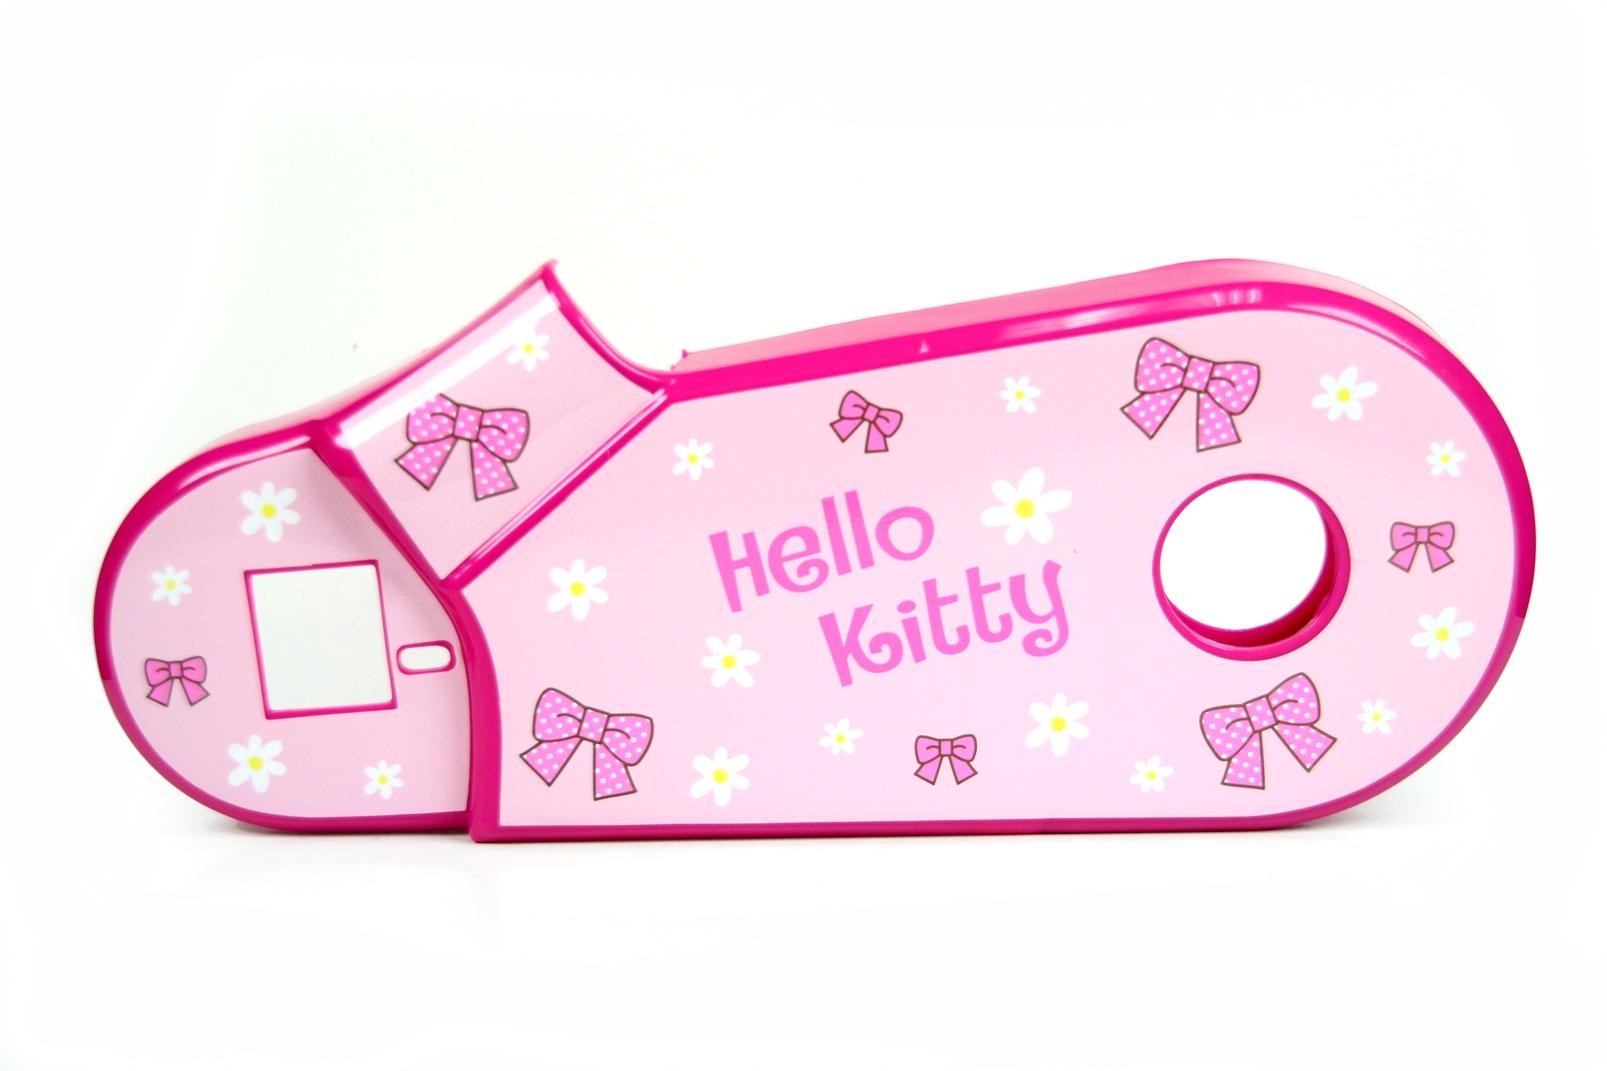 Hello Kitty Badezimmer Artikel ~ Raum- und Möbeldesign-Inspiration